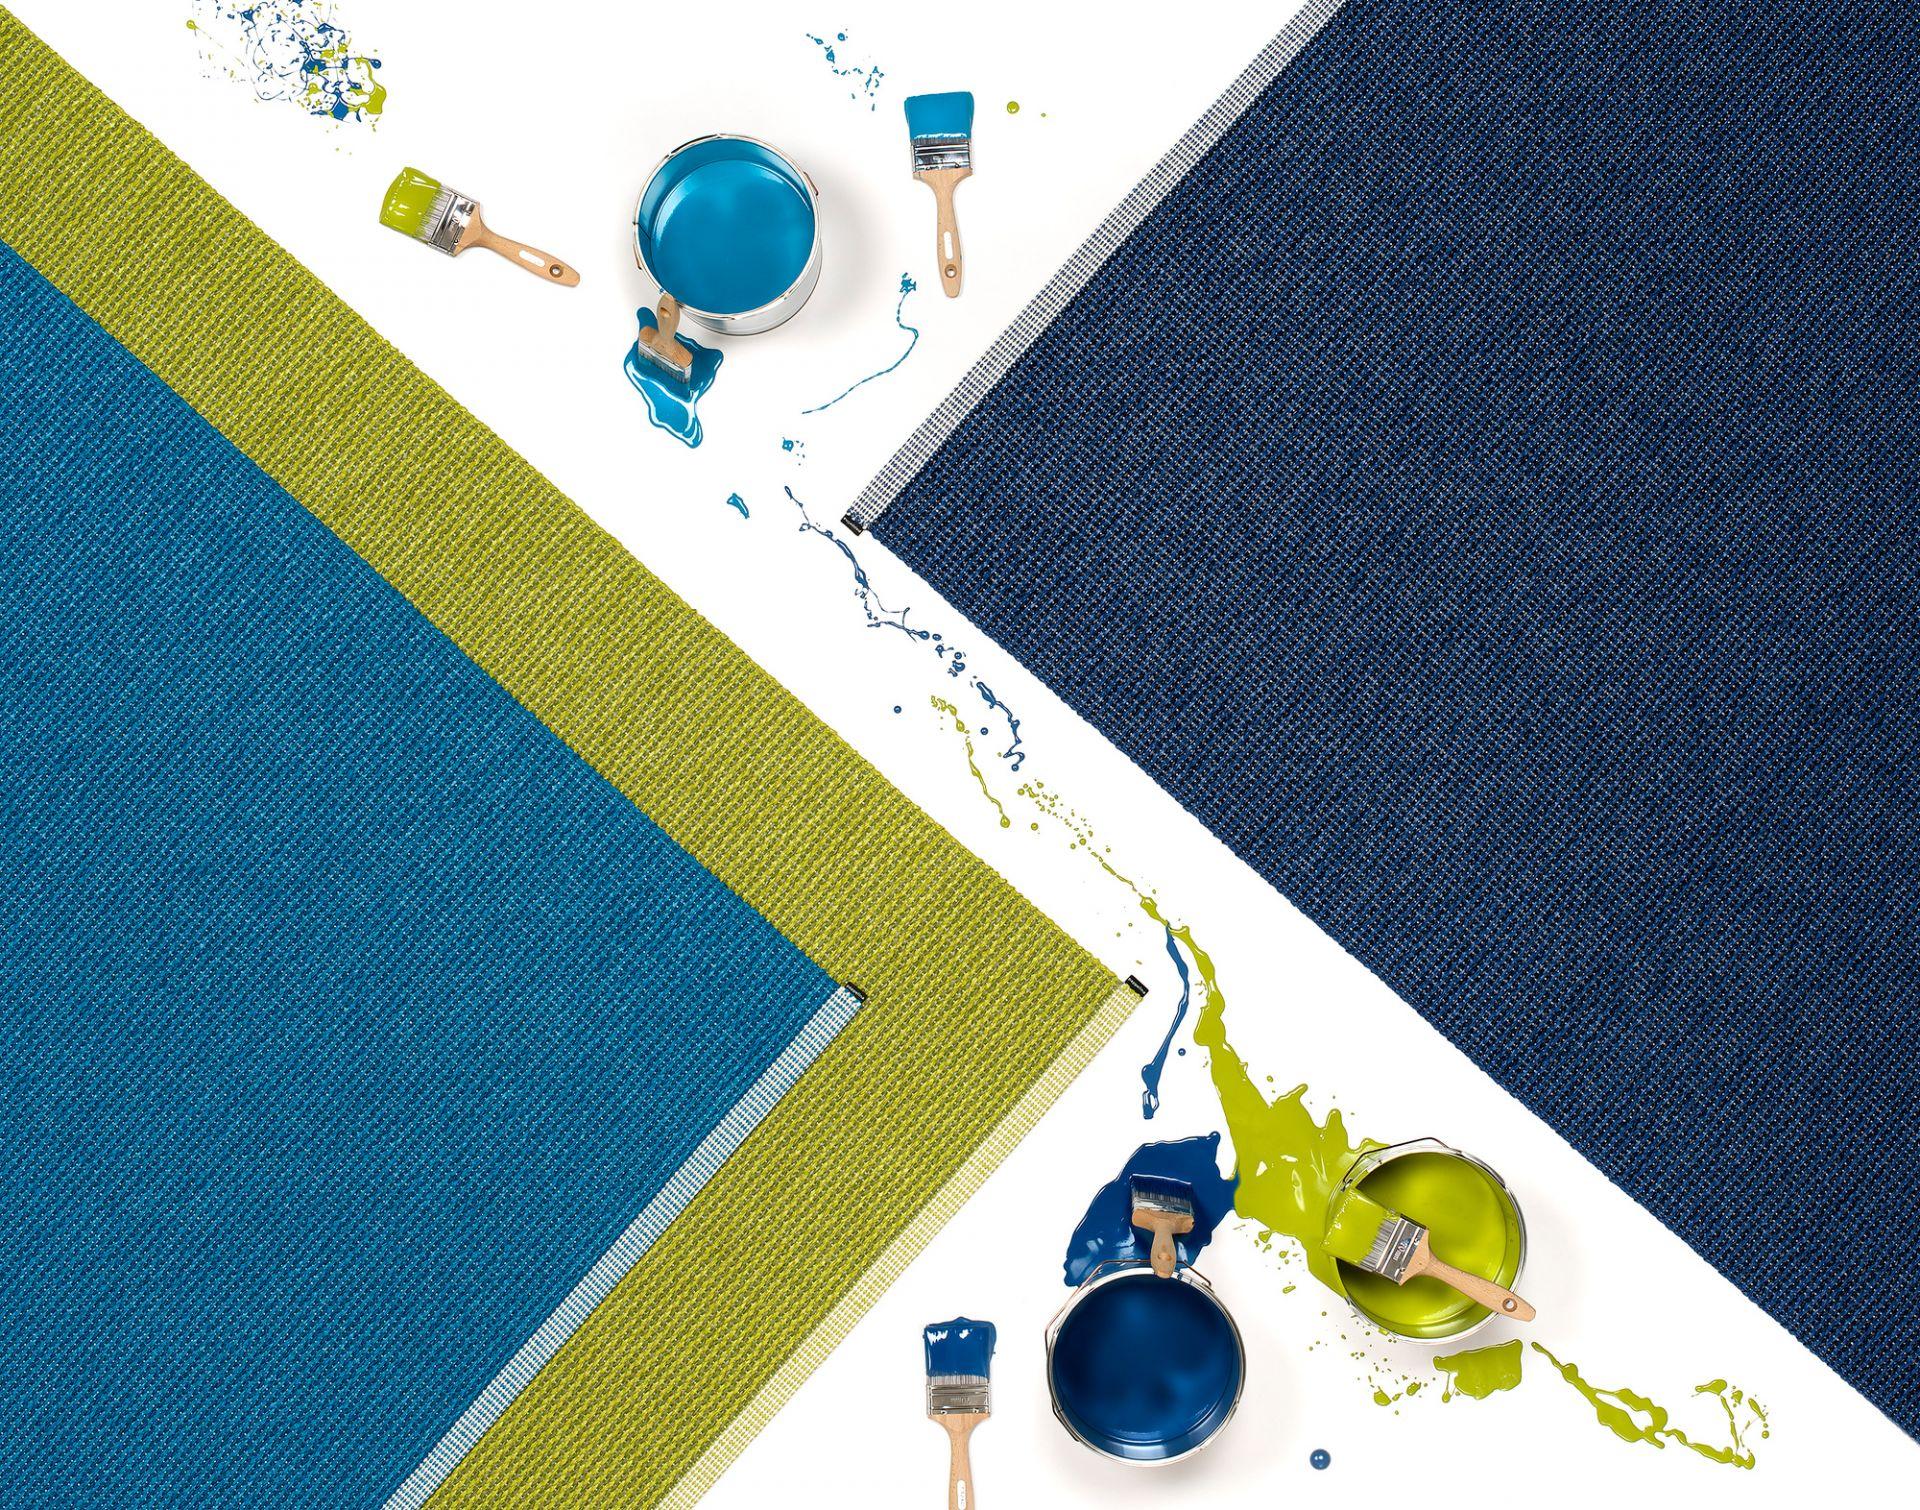 Mono Kunststoffteppich 85x260 Pappelina Denim